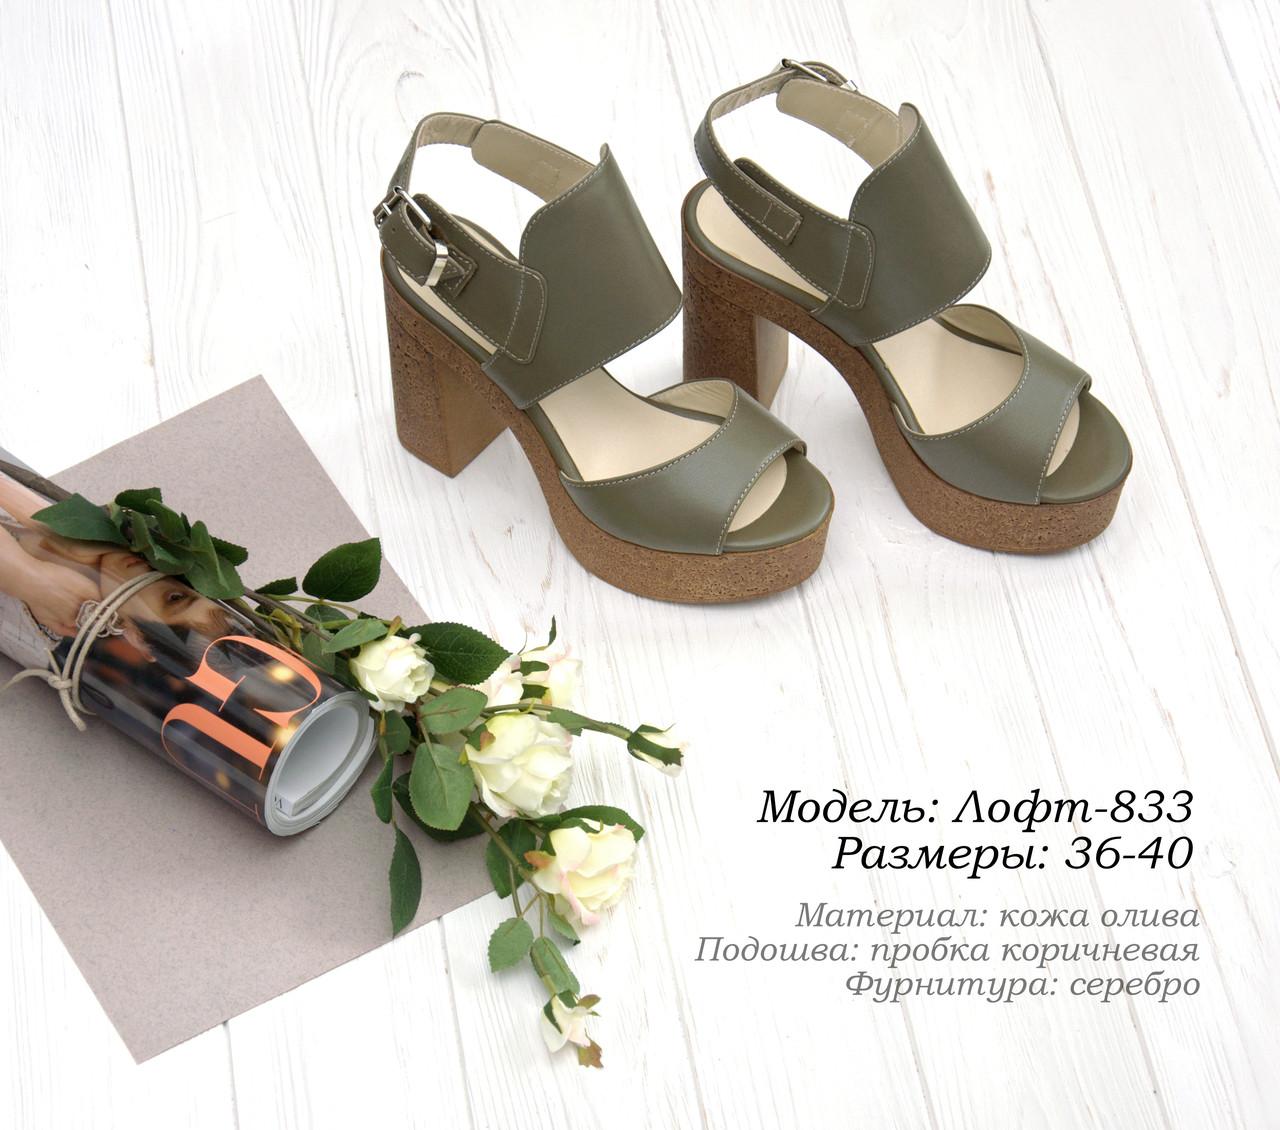 261f5b072 Стильная женская обувь весна-лето 2018/2019, цена 646 грн., купить в ...